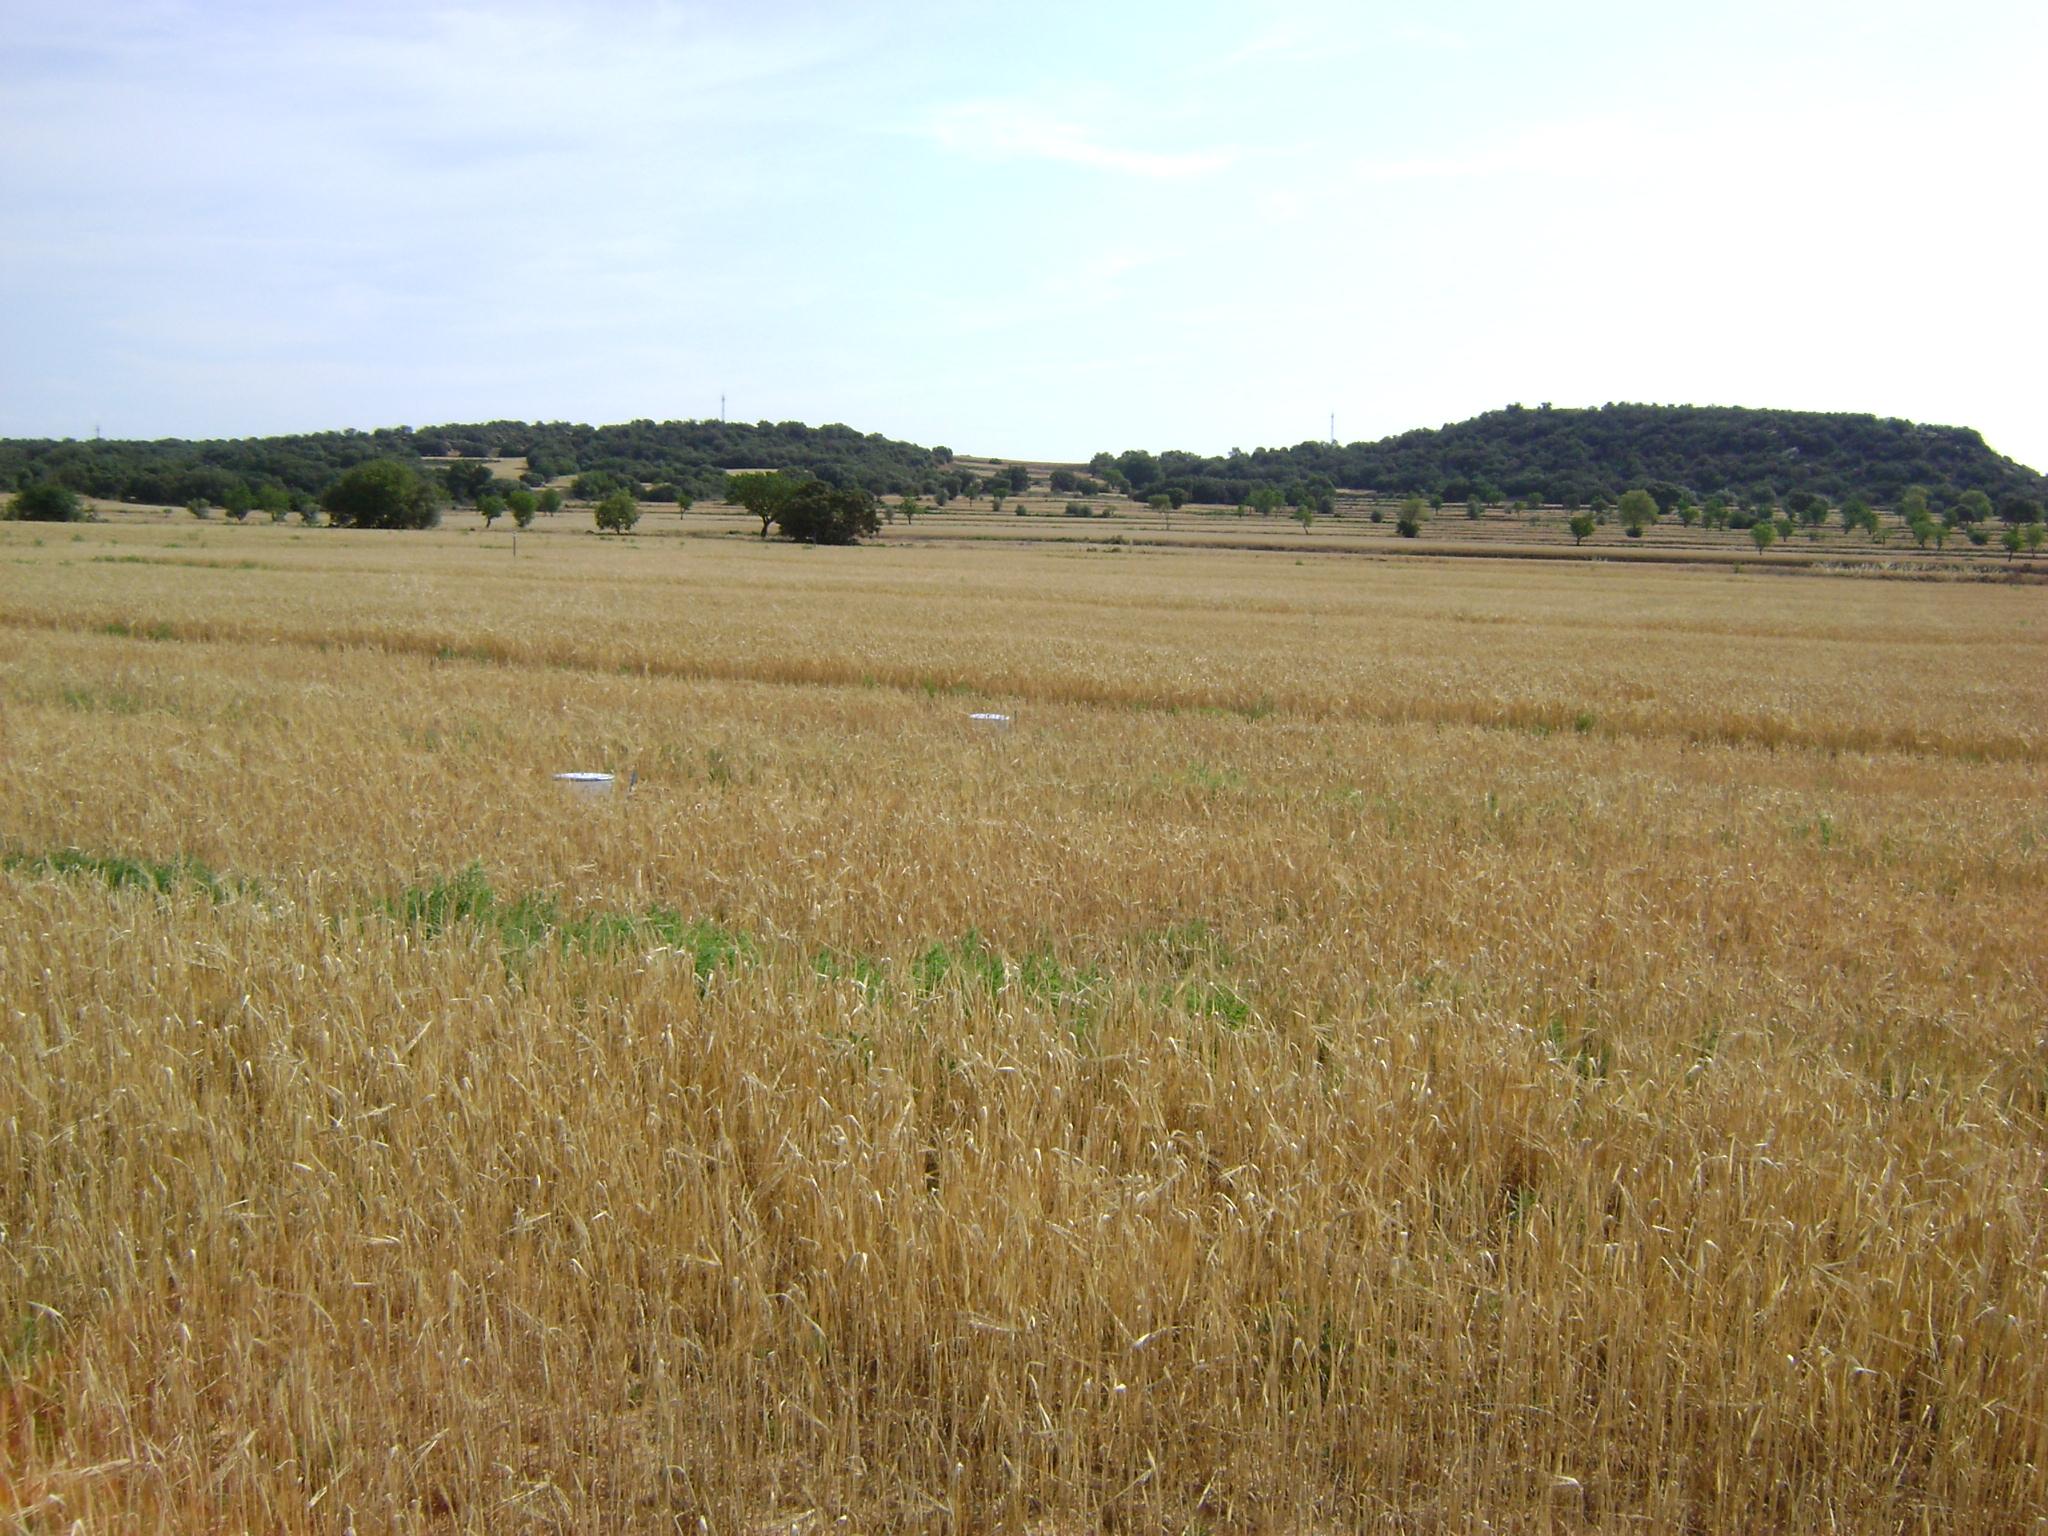 Optimitzar l'eficiència productiva per la reducció de gasos d'efecte hivernacle en cultius extensius